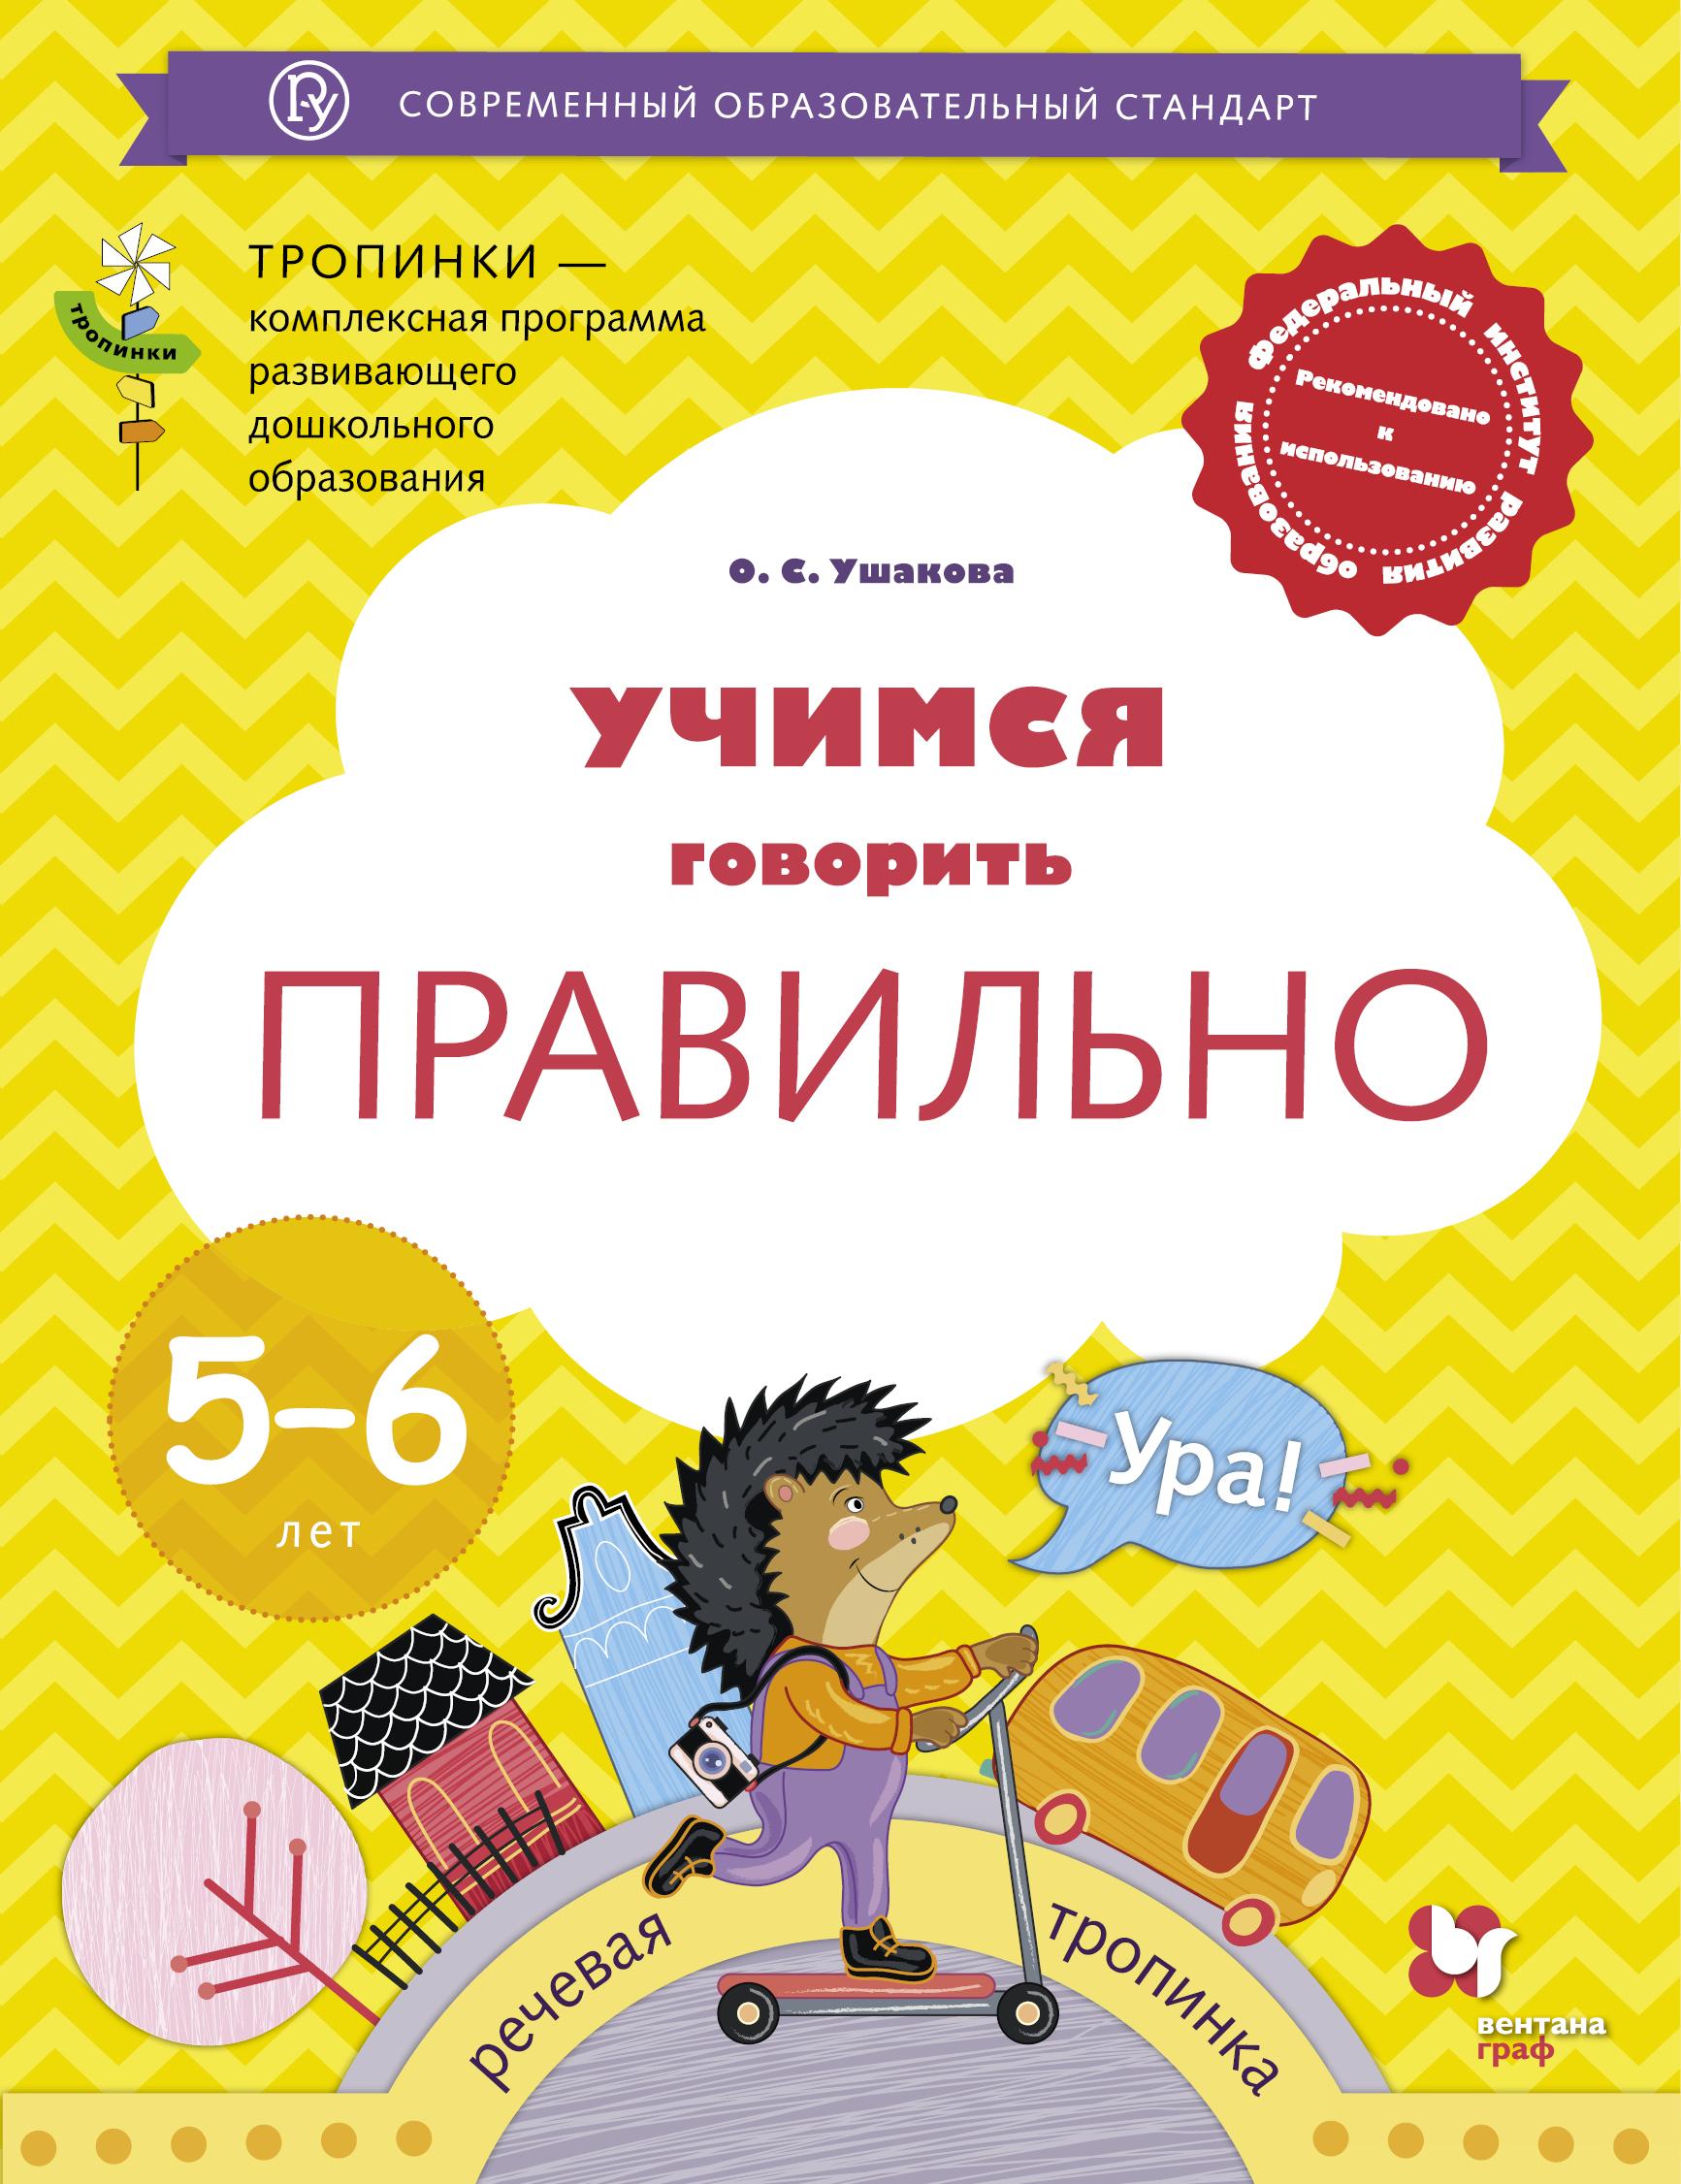 Ушакова О.С. Учимся говорить правильно. 5-6 лет. Пособие для детей.